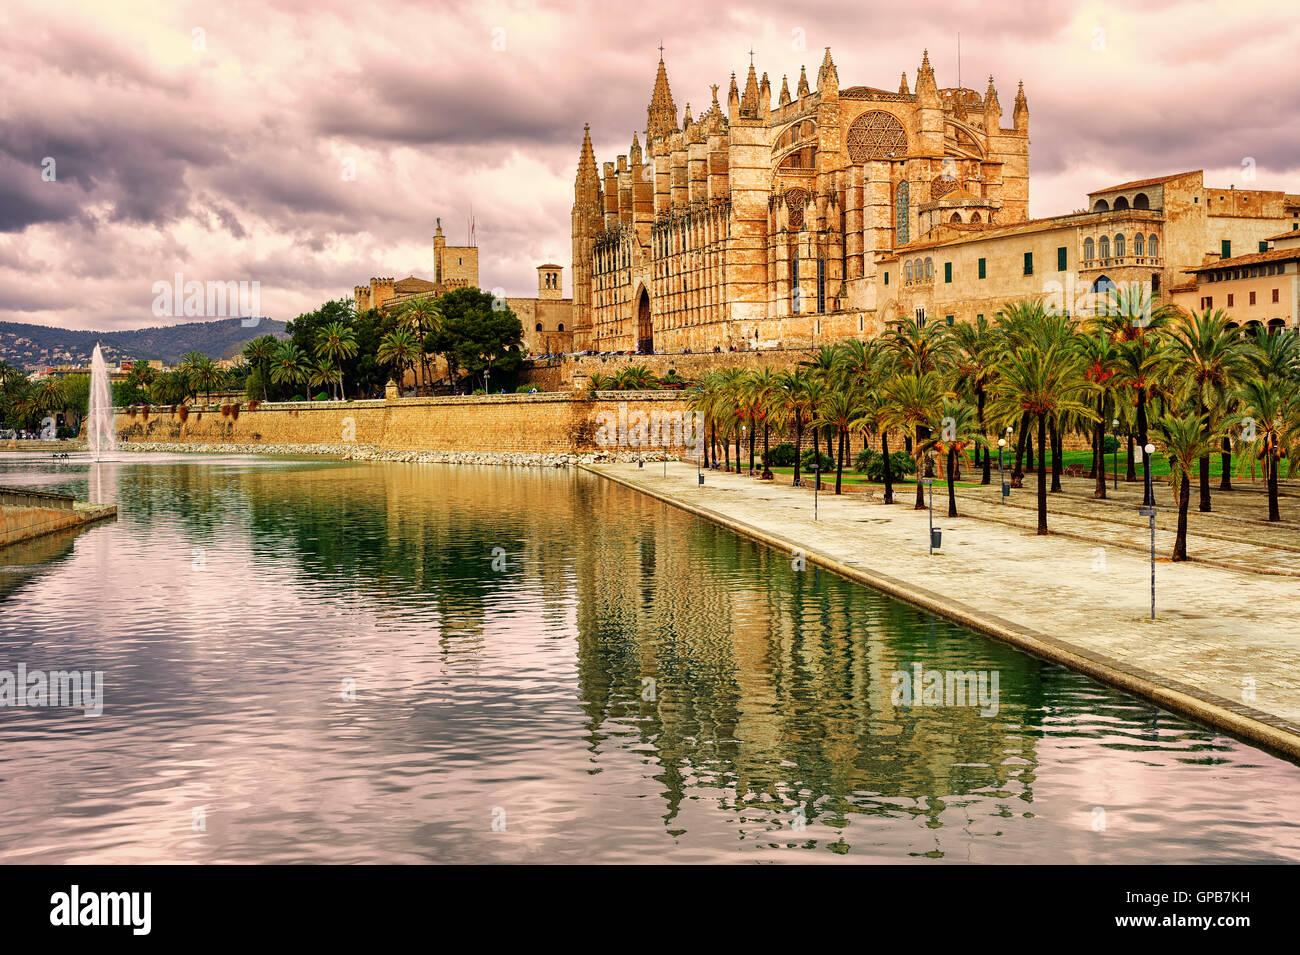 La Seu, die Kathedrale von Palma De Mallorca, Sonnenuntergang, Spanien im Wasser reflektieren Stockbild